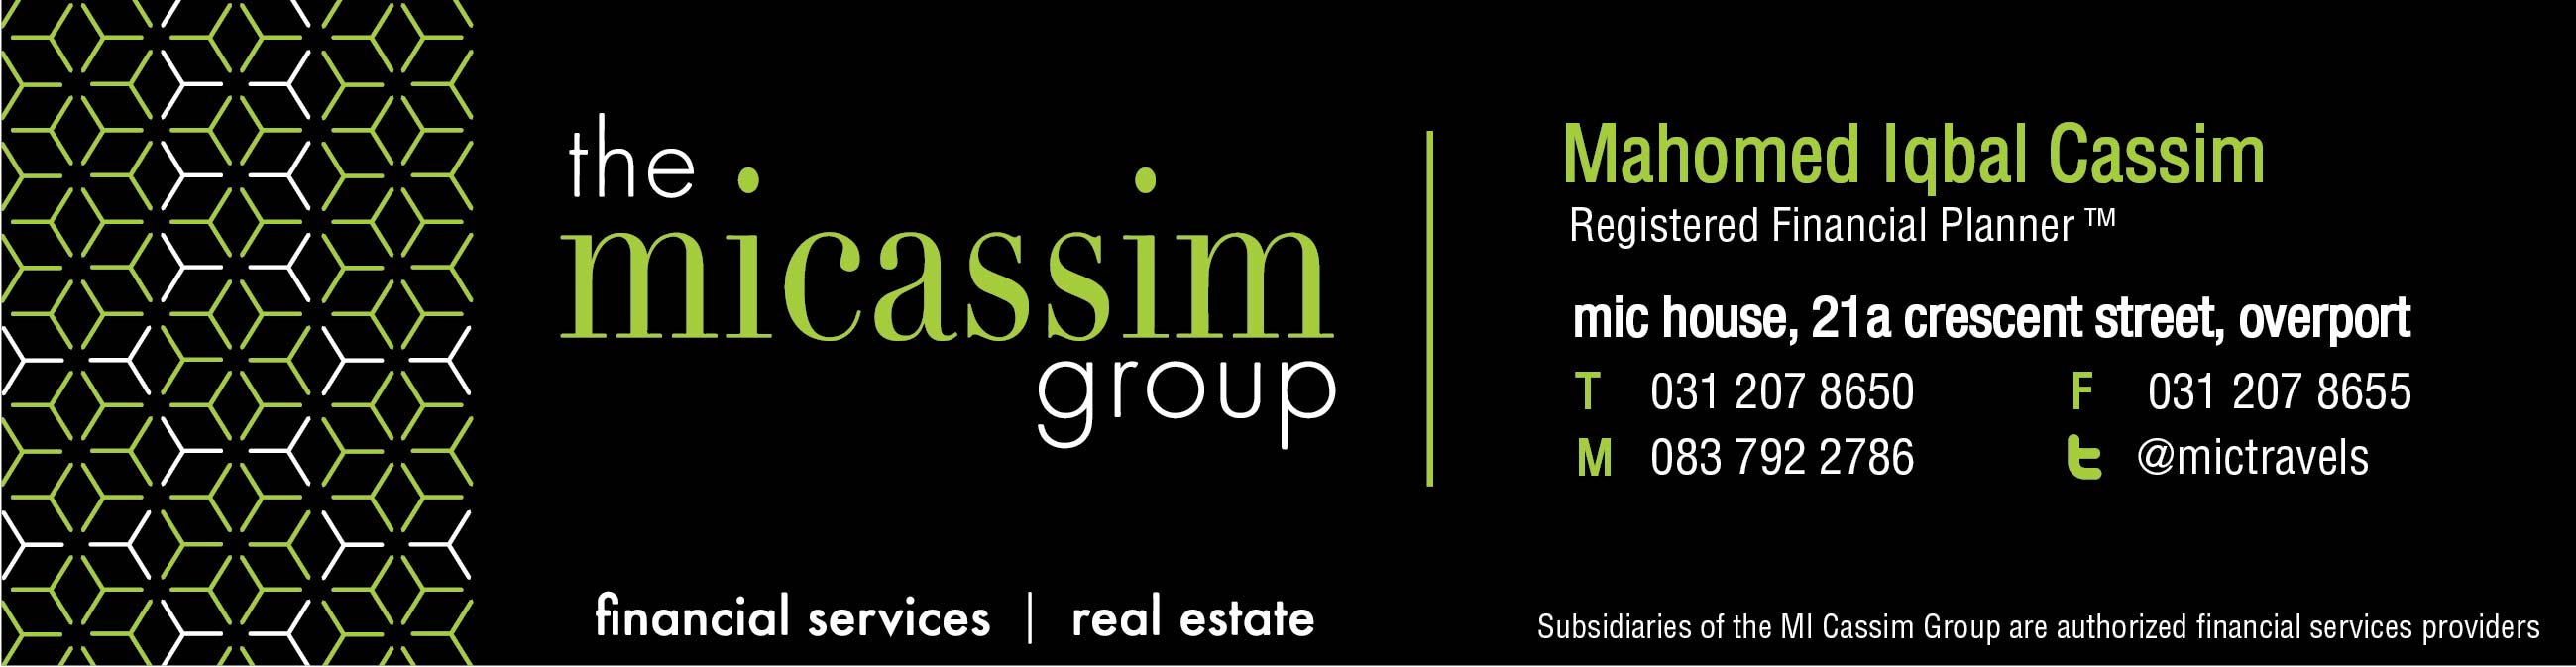 MI Cassim-04